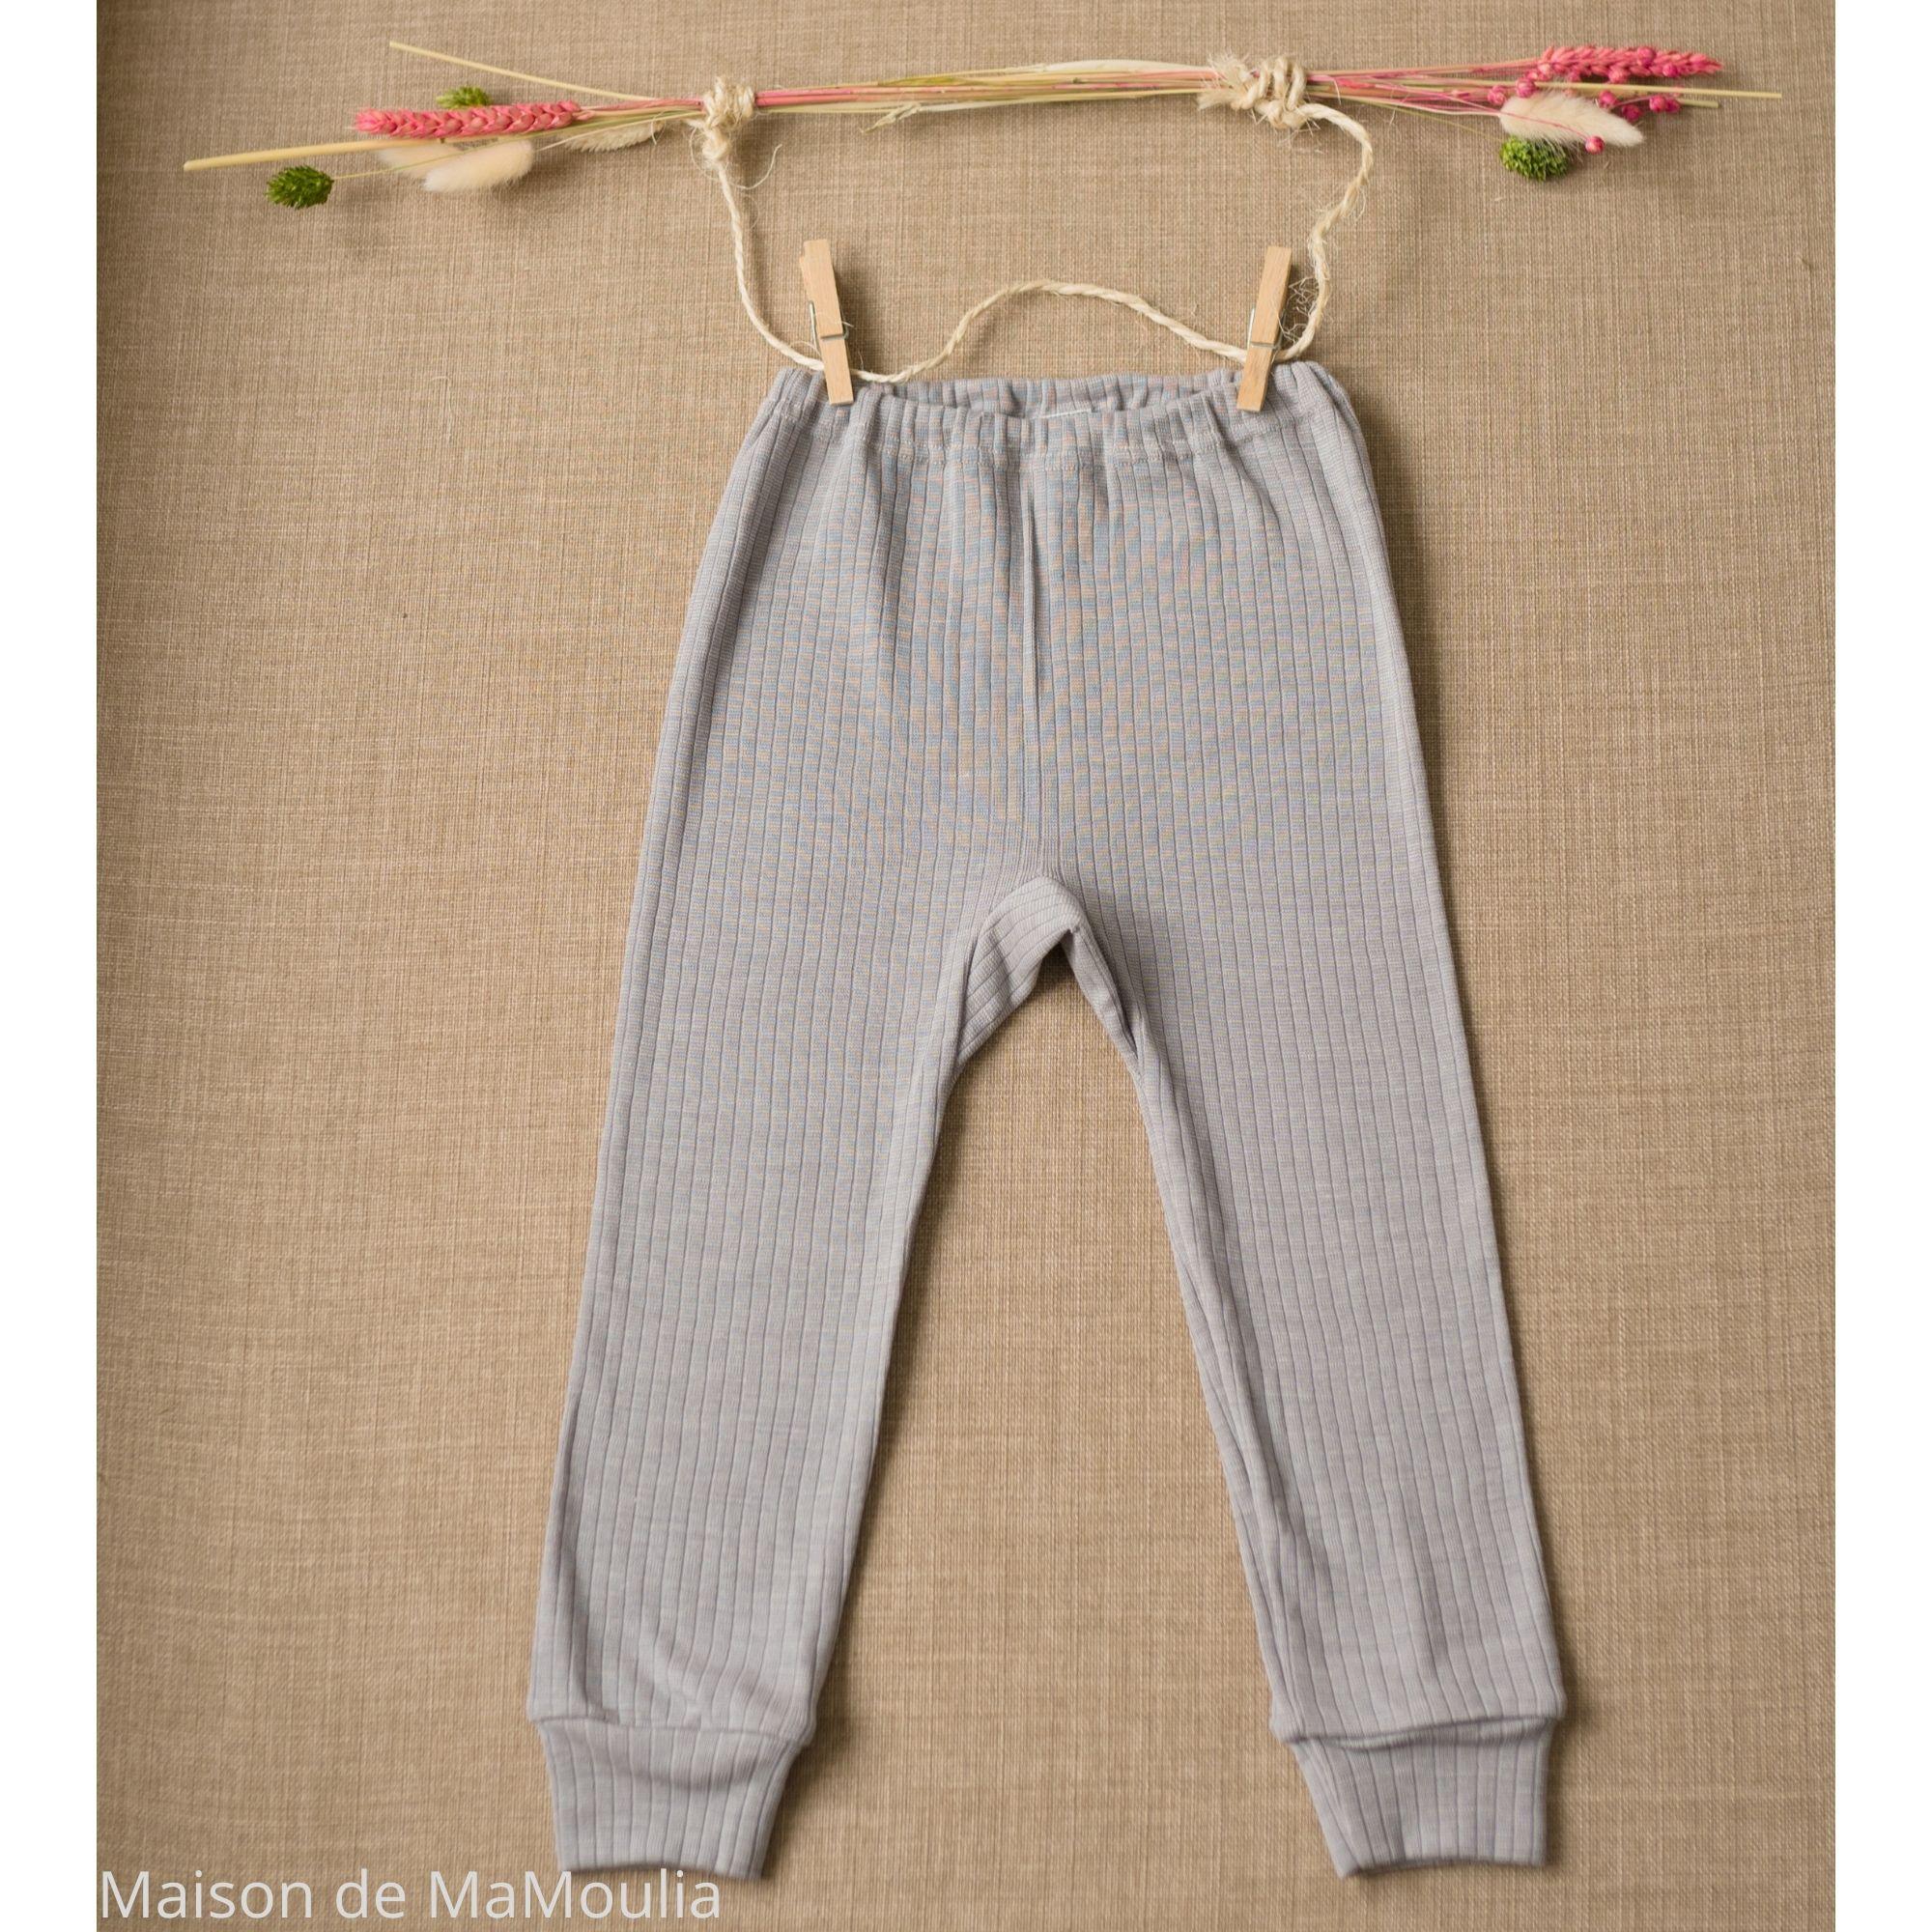 COSILANA - Pantalon-caleçon enfant - Laine/Soie/Coton bio, Gris